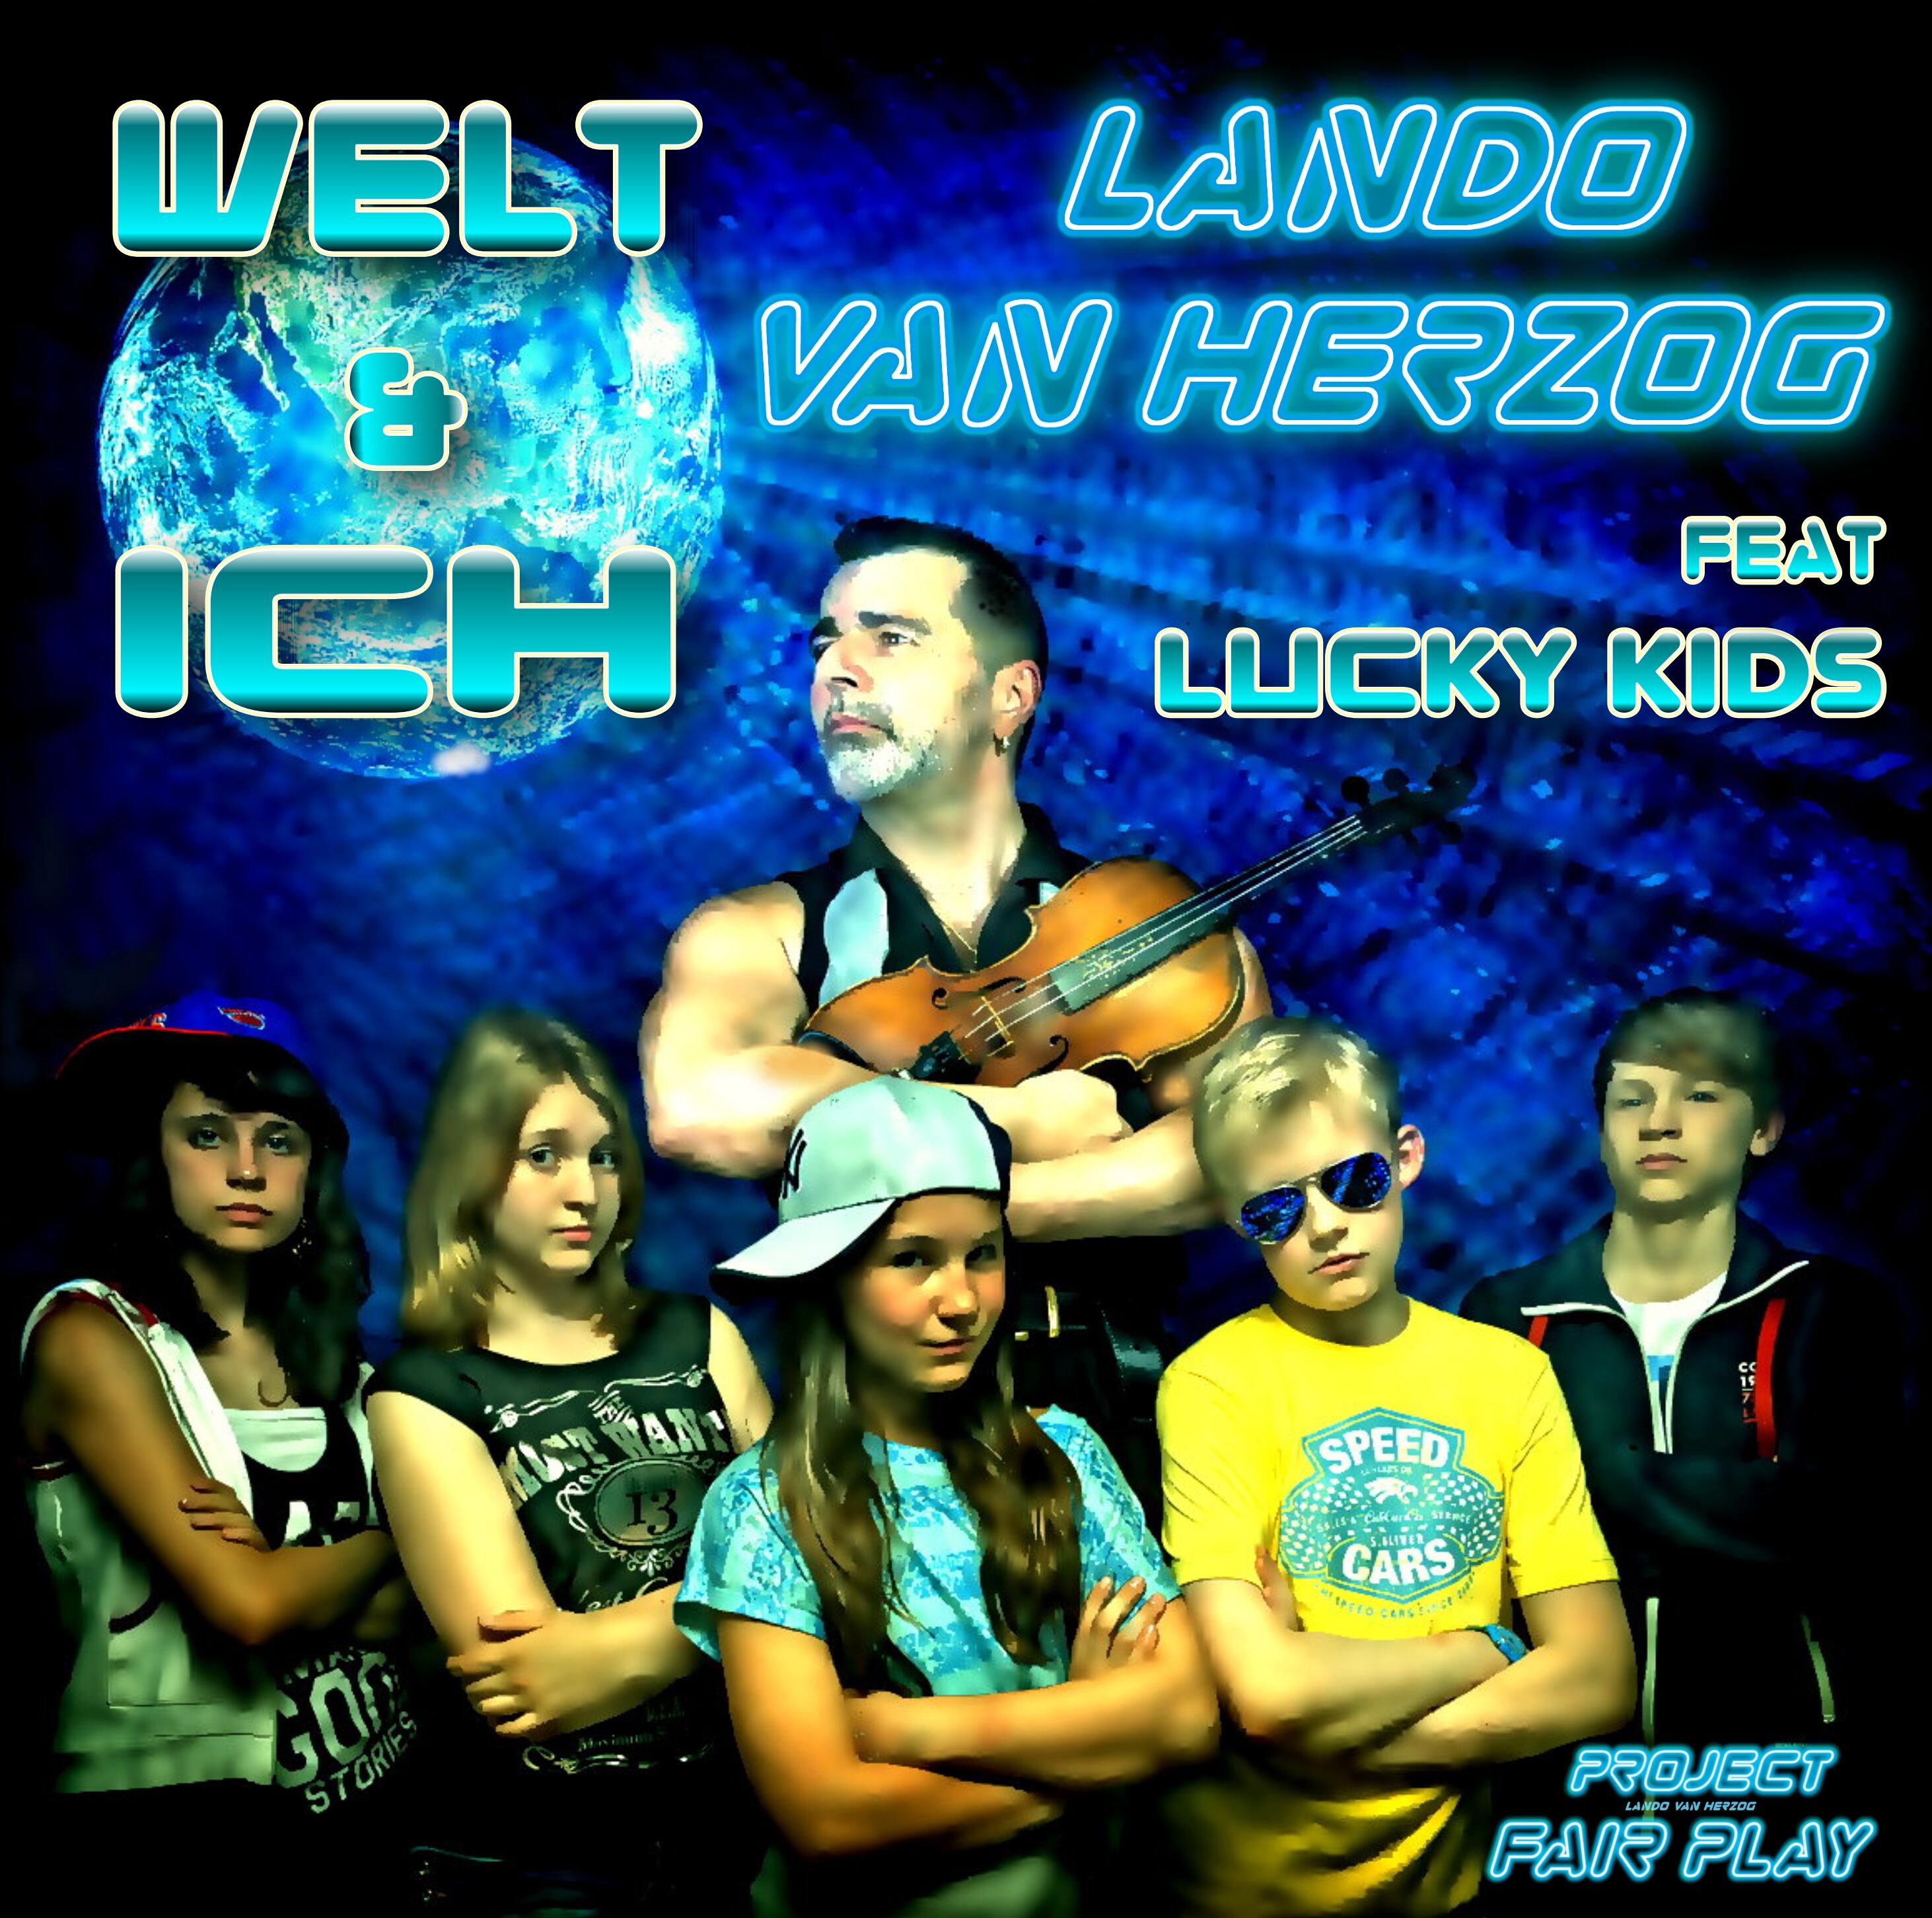 Lando van Herzog Cover WELT & ICH